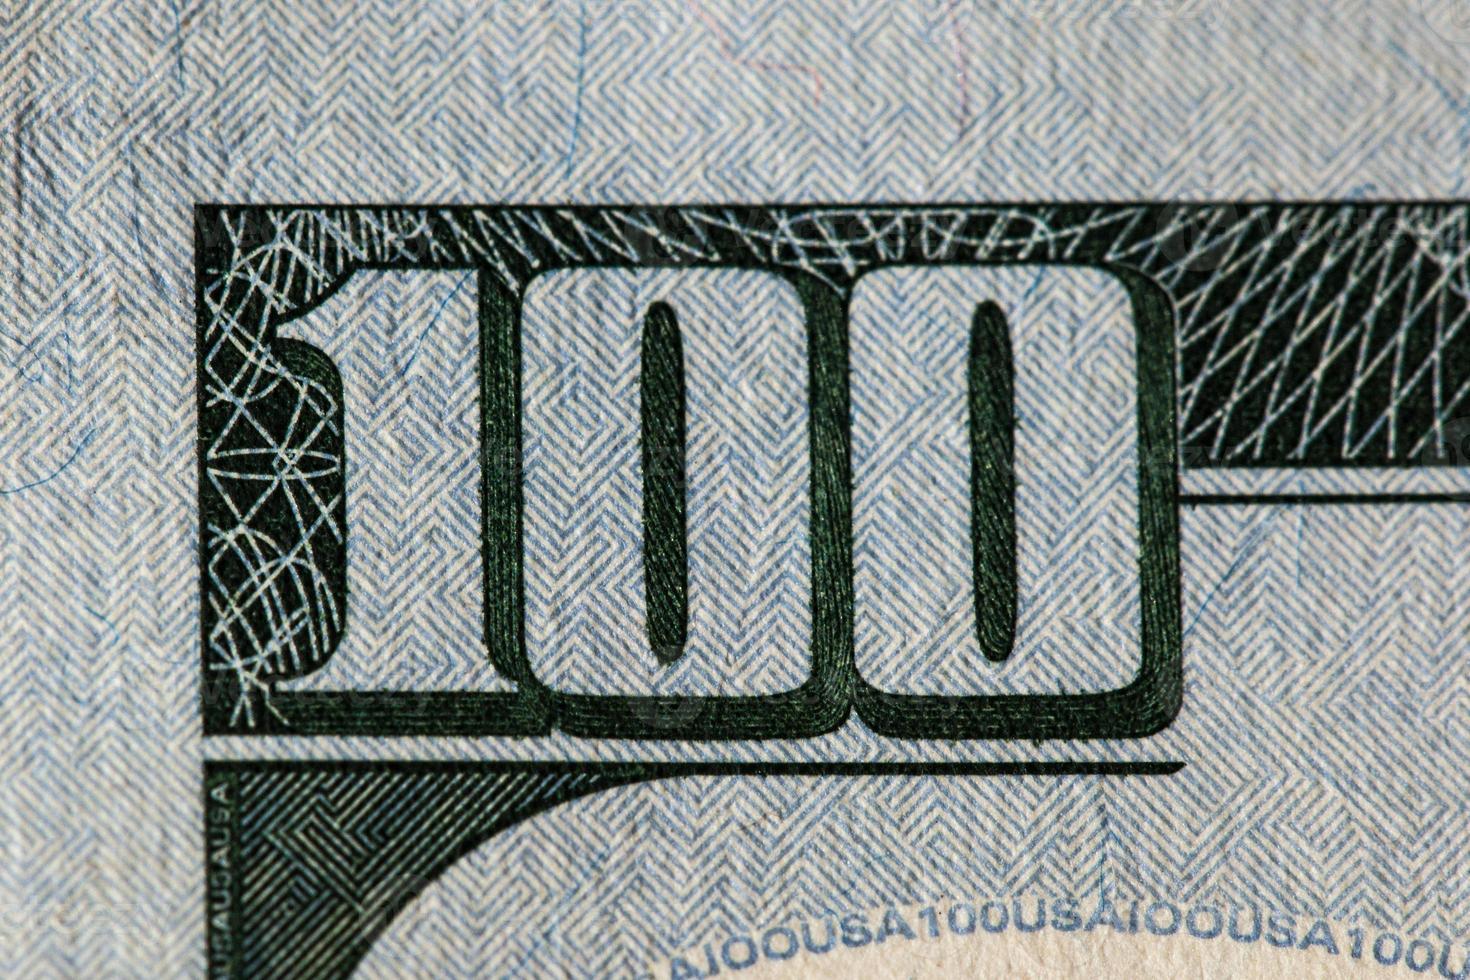 détail du billet de 100 dollars photo